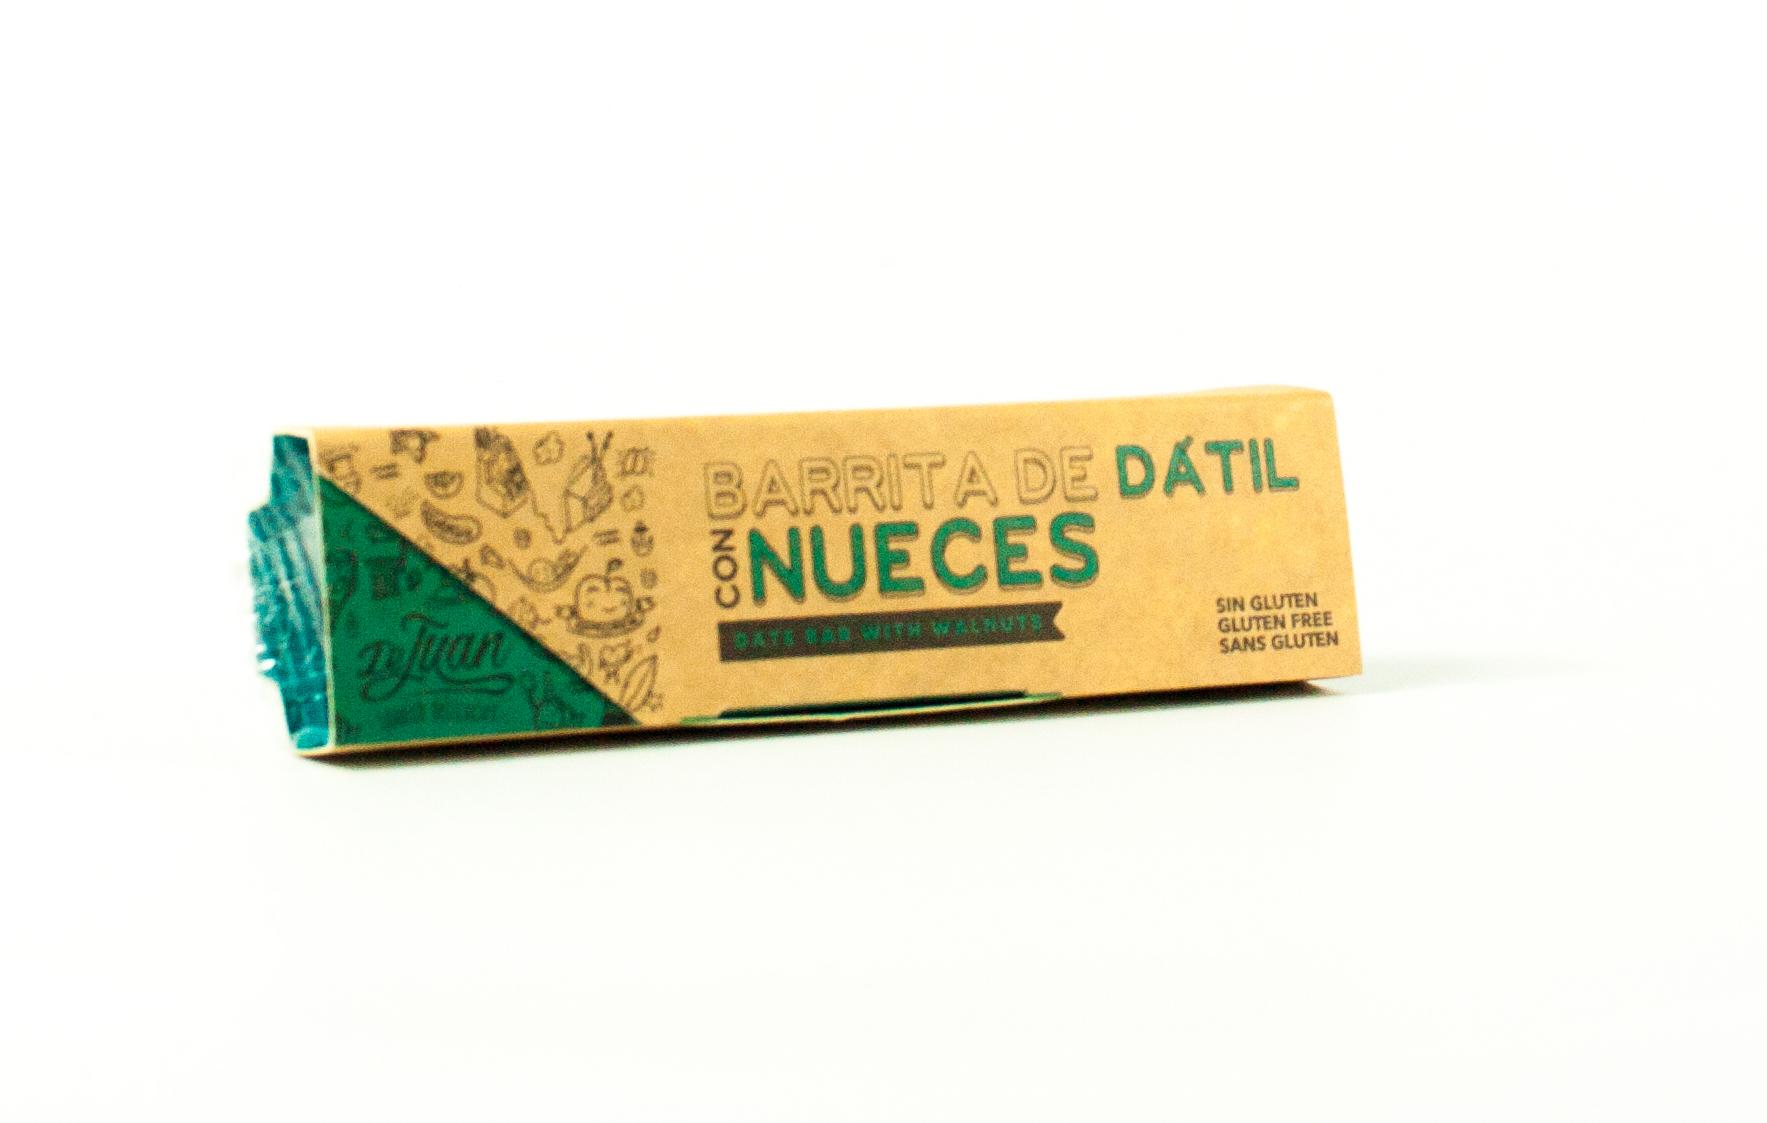 barrita-datil-nueces